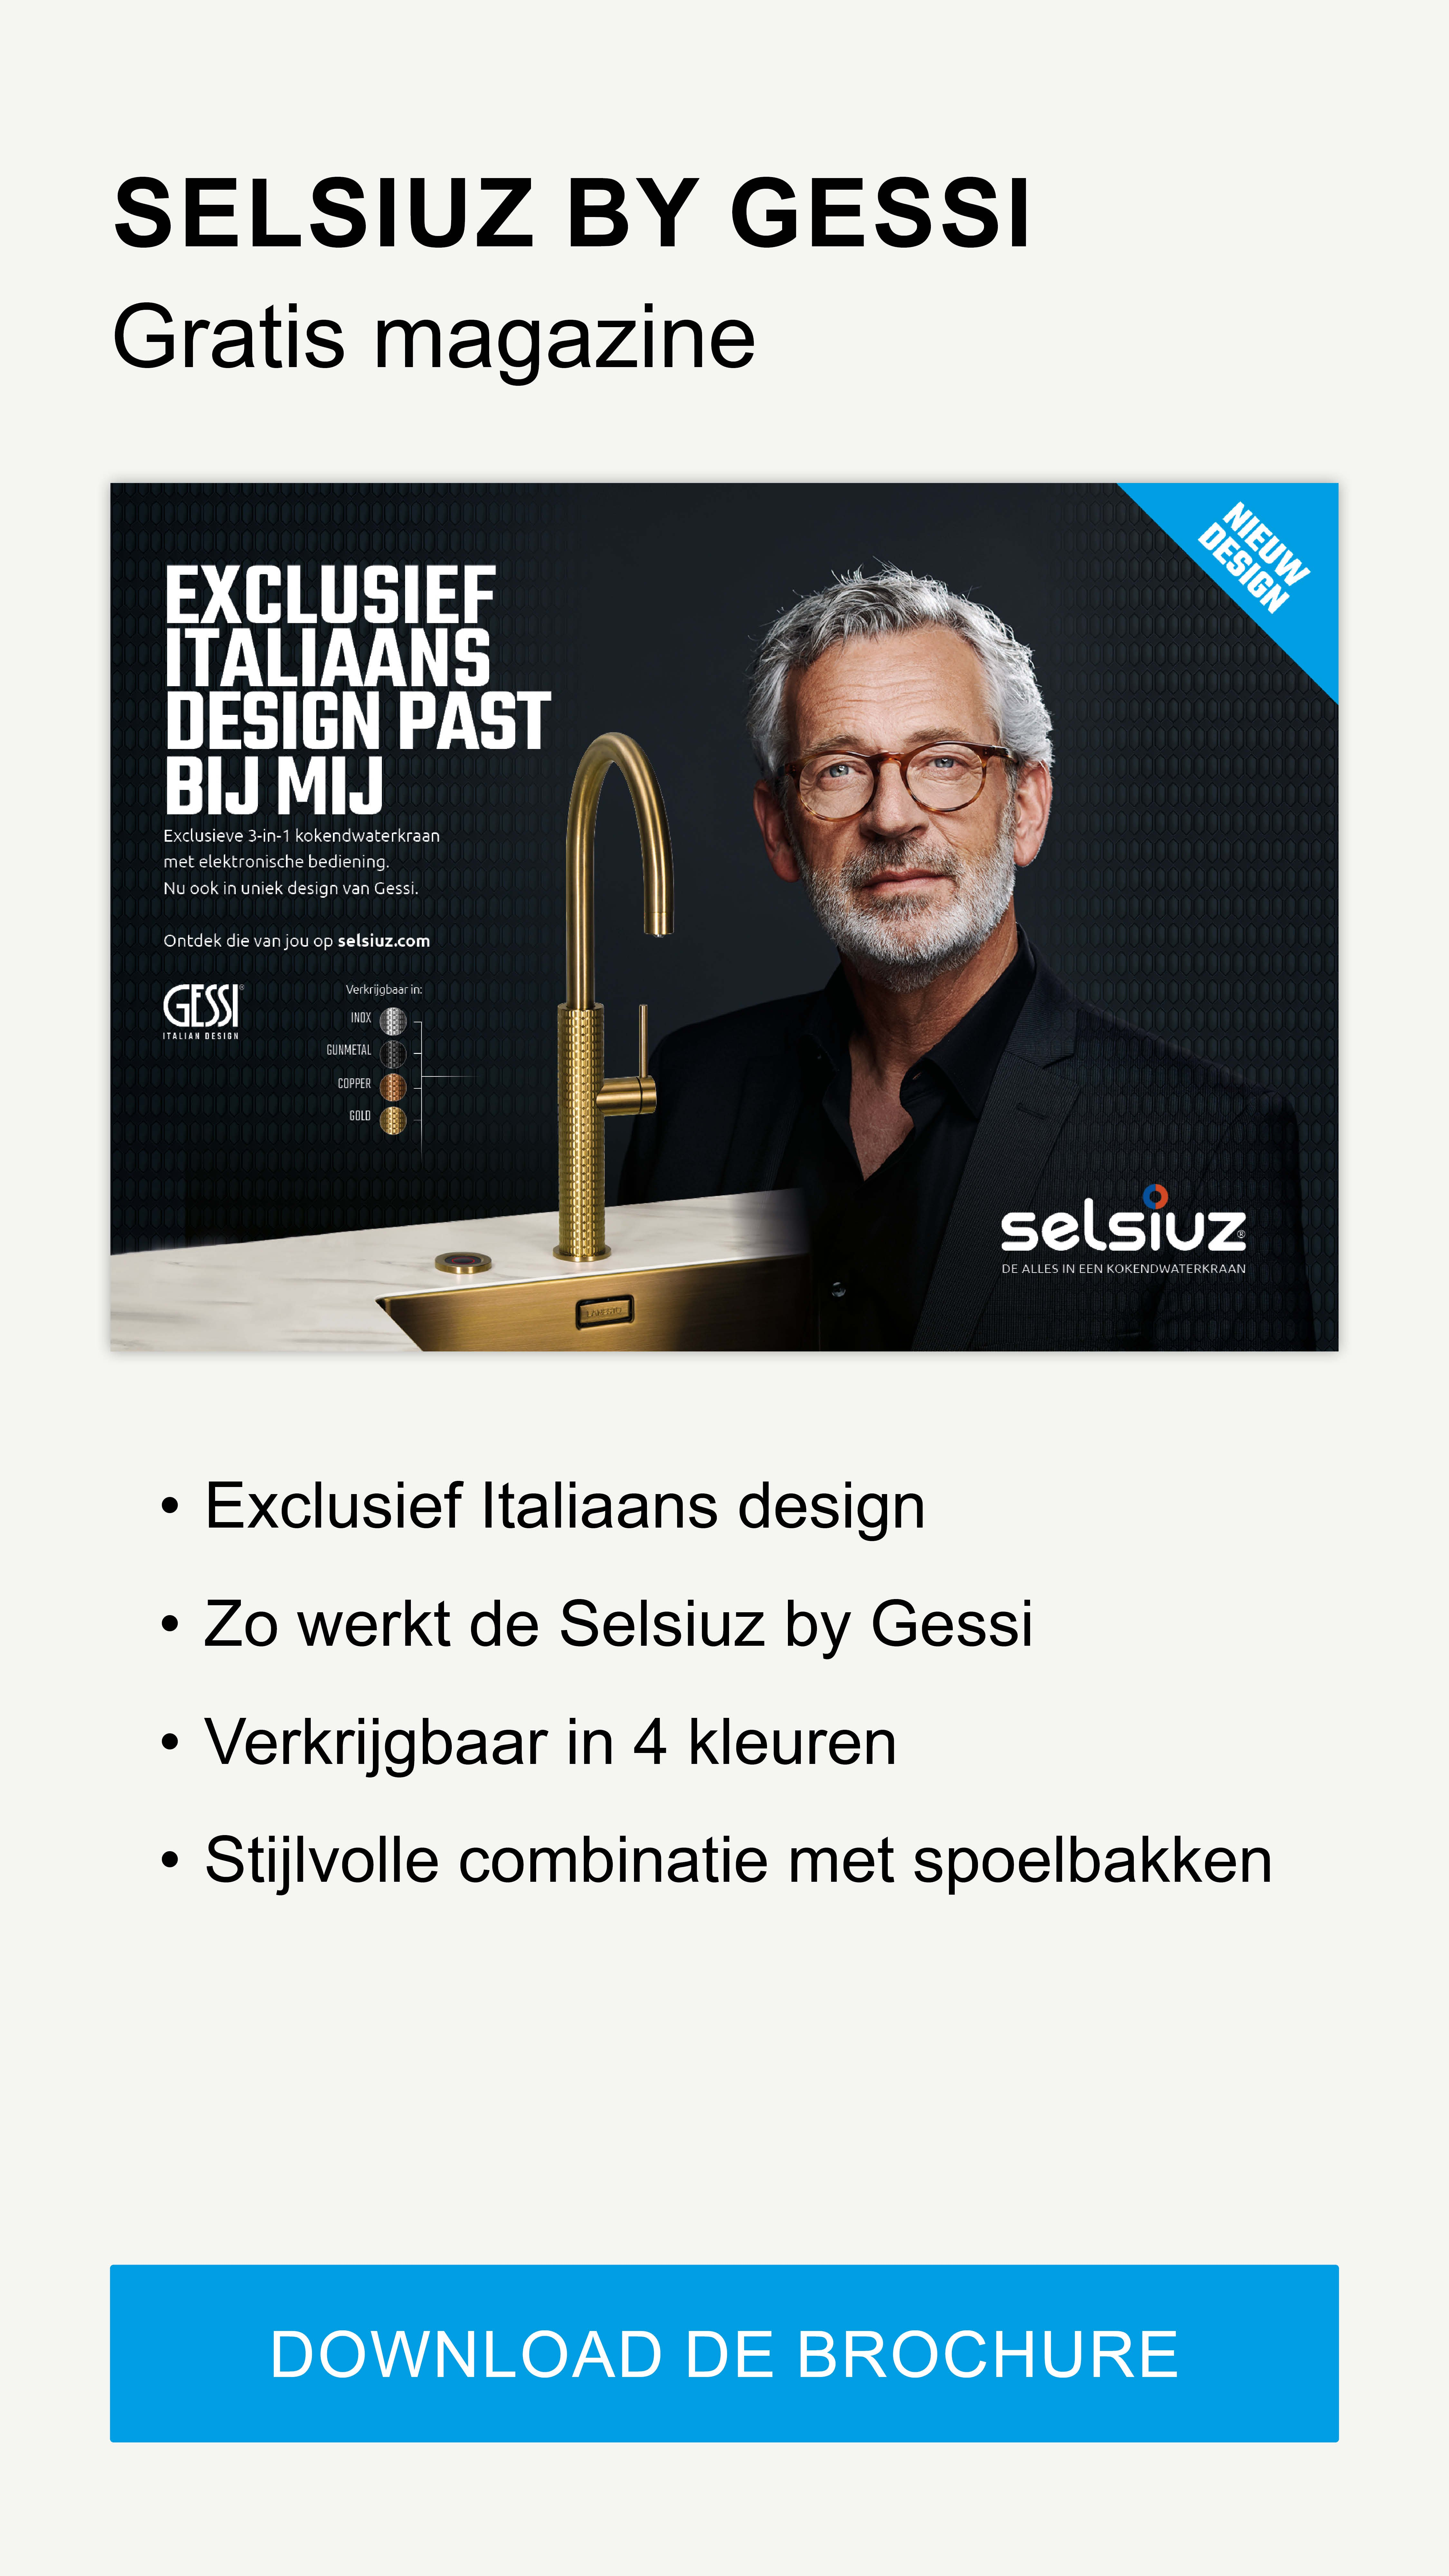 Gessi brochures